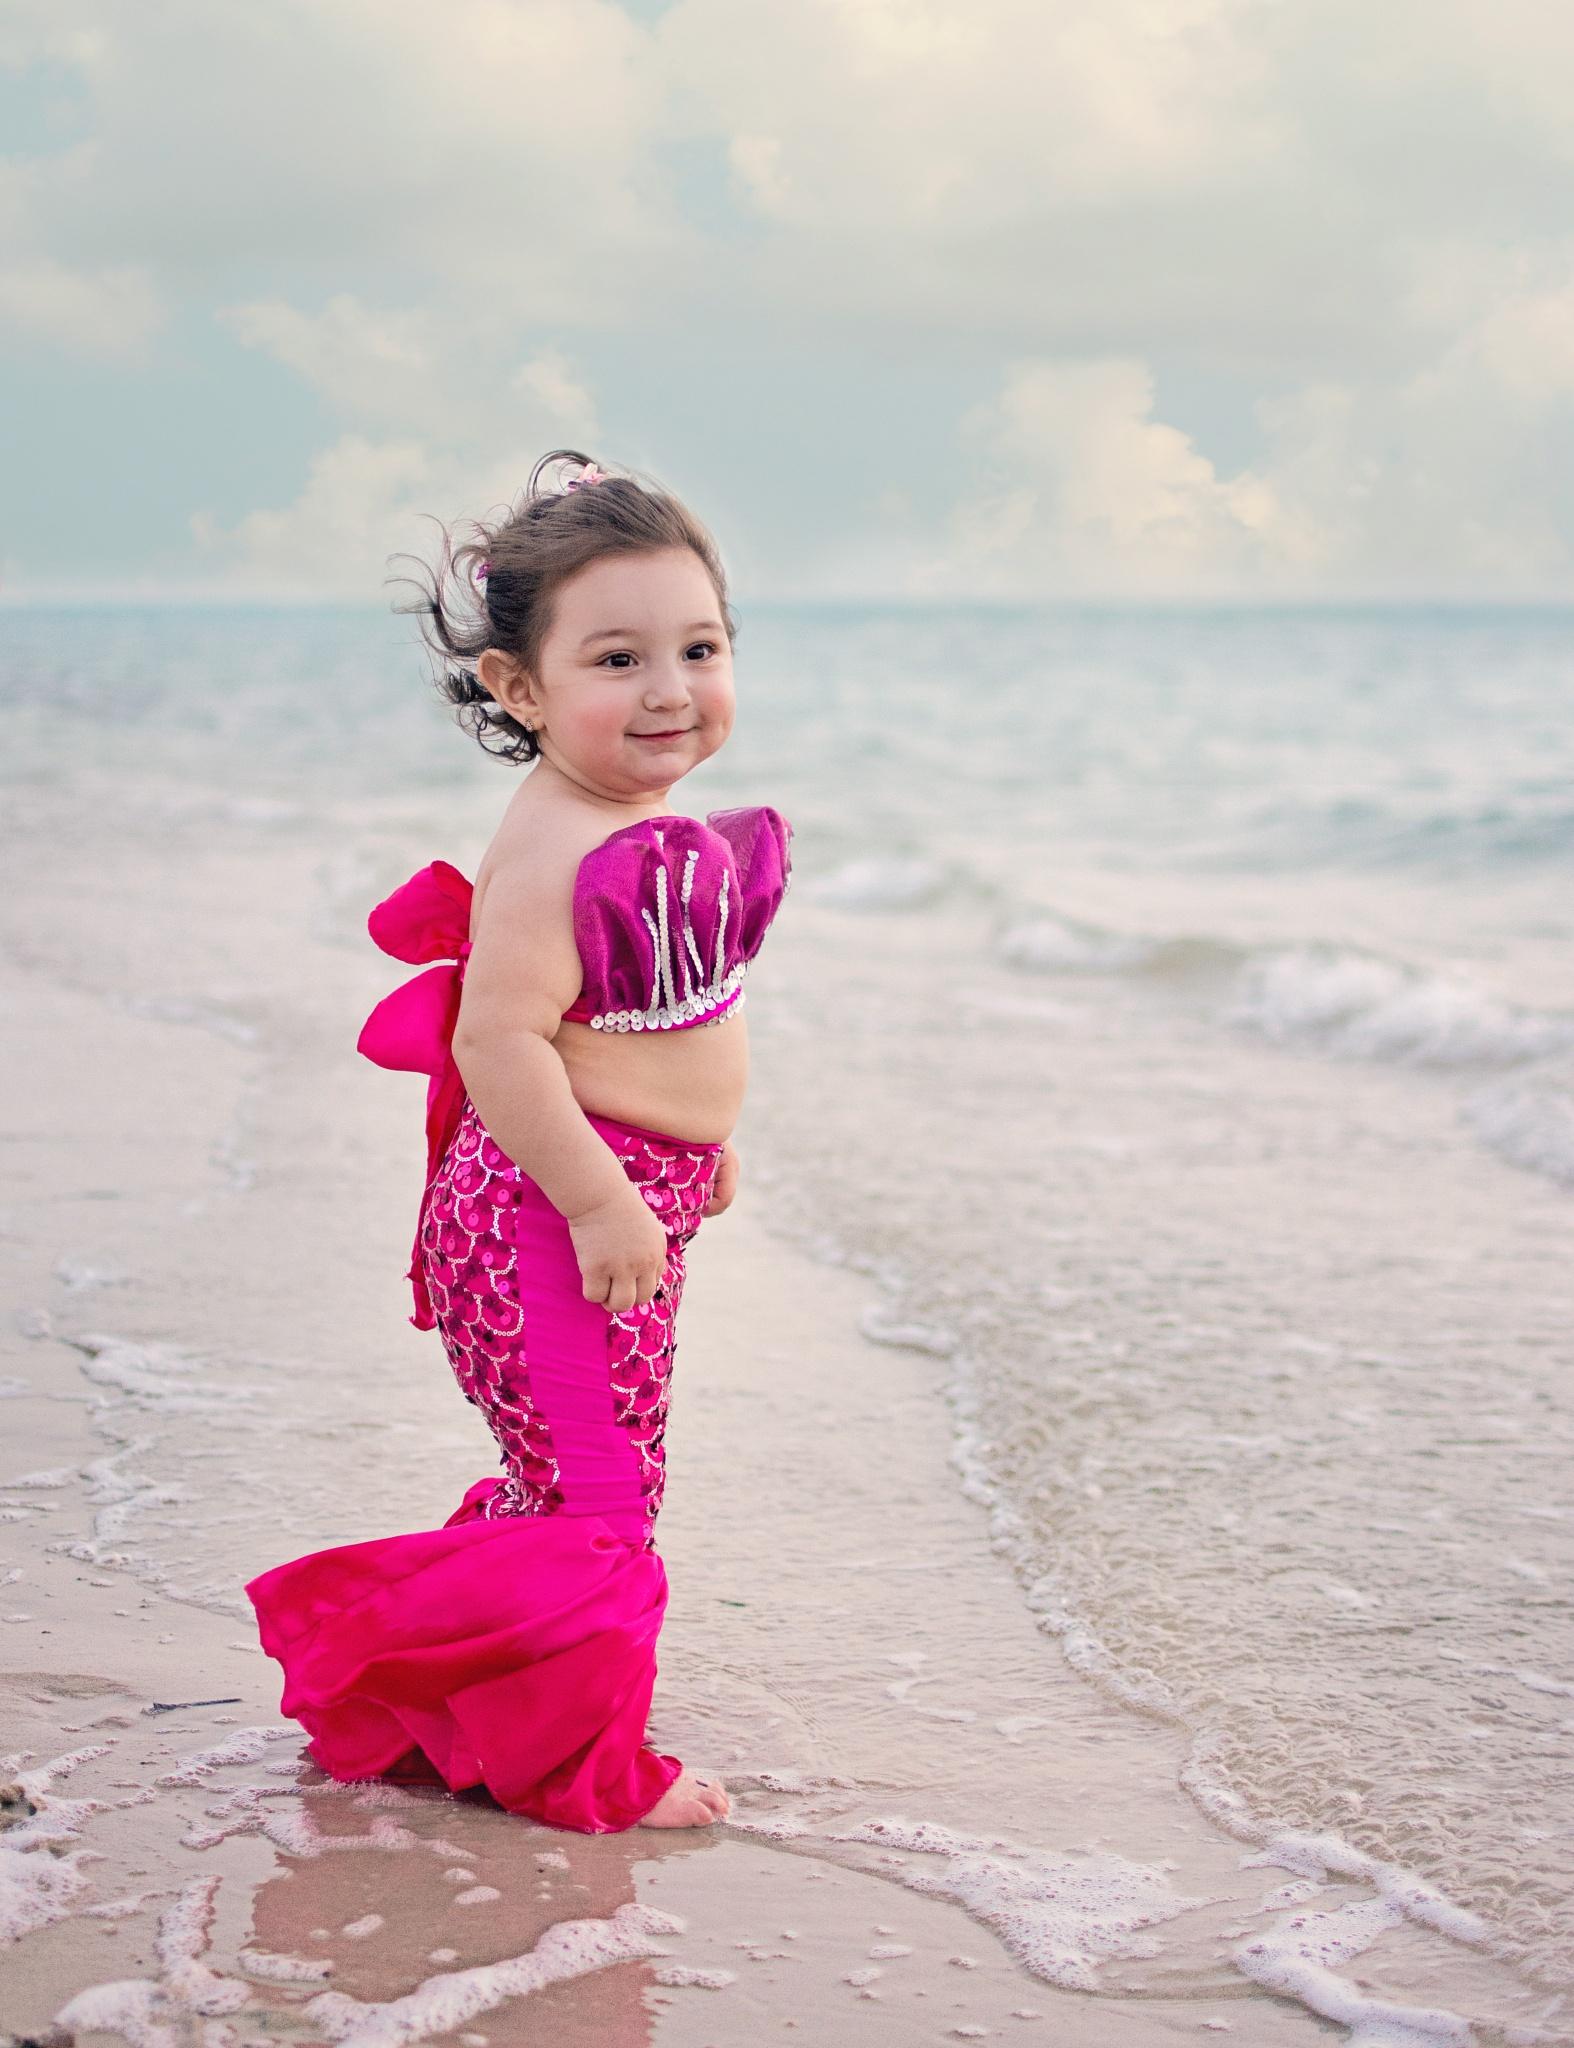 Little Mermaid by Aymen Felfel